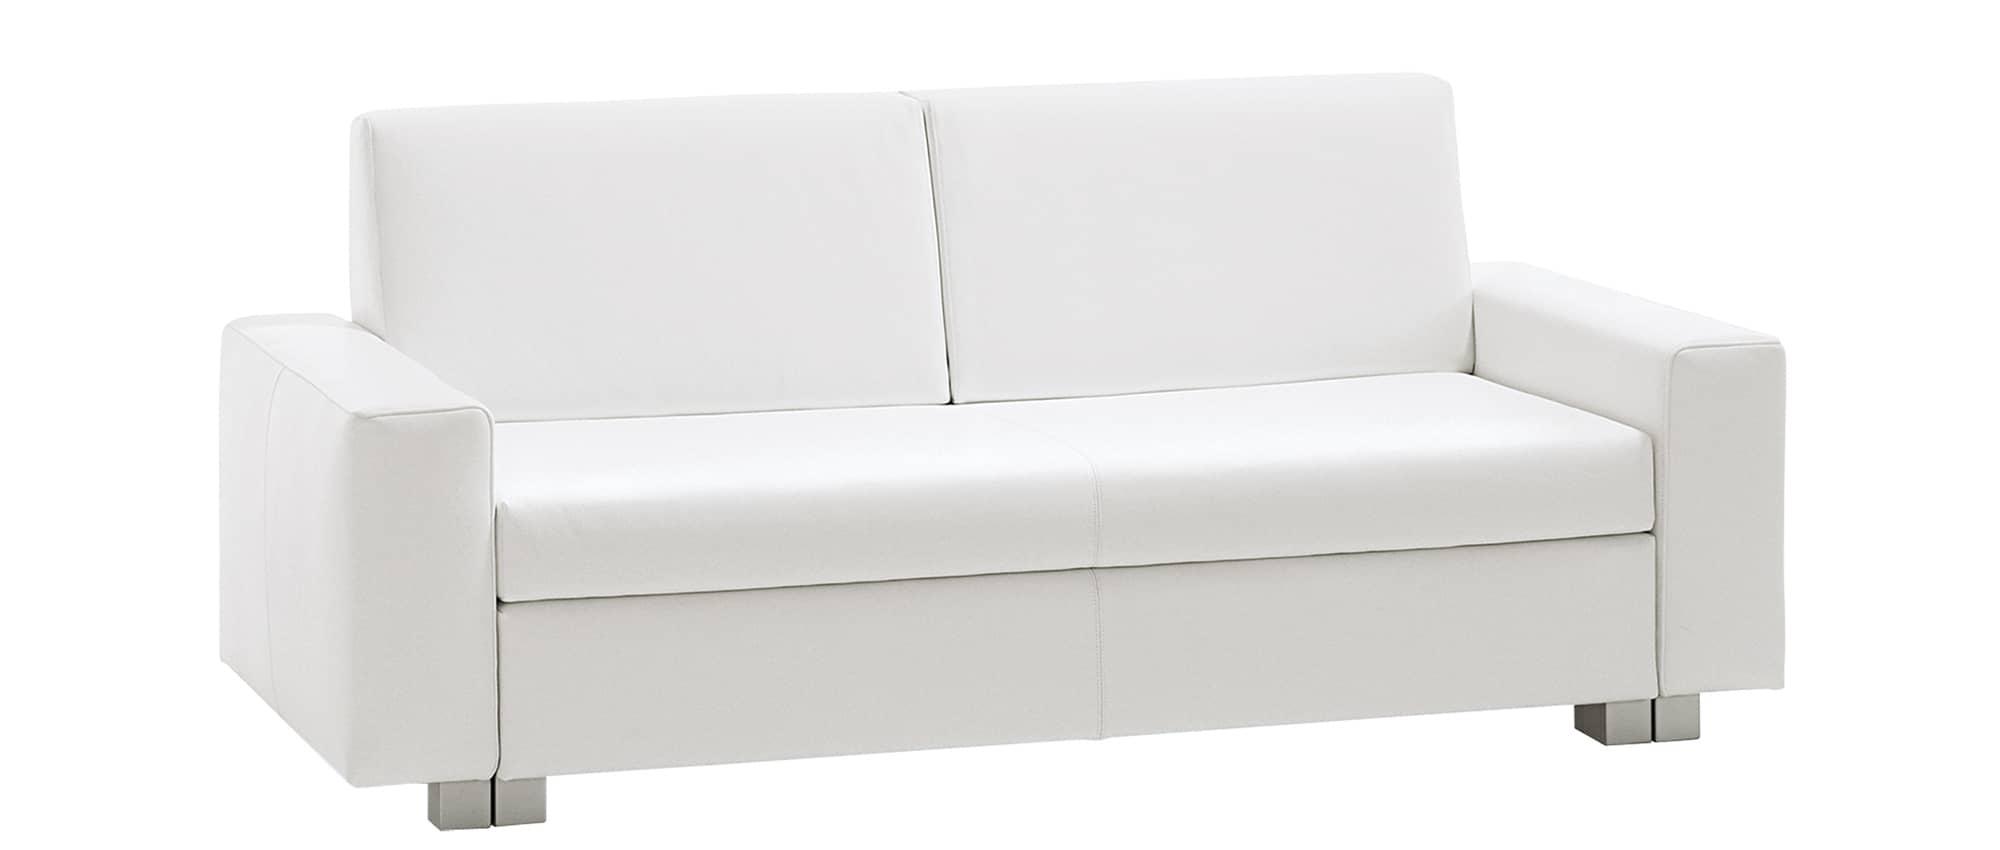 MINNIE Schlafsofa von Franz Fertig in weiß. Sofa mit Schlaffunktion. Bettsofa.